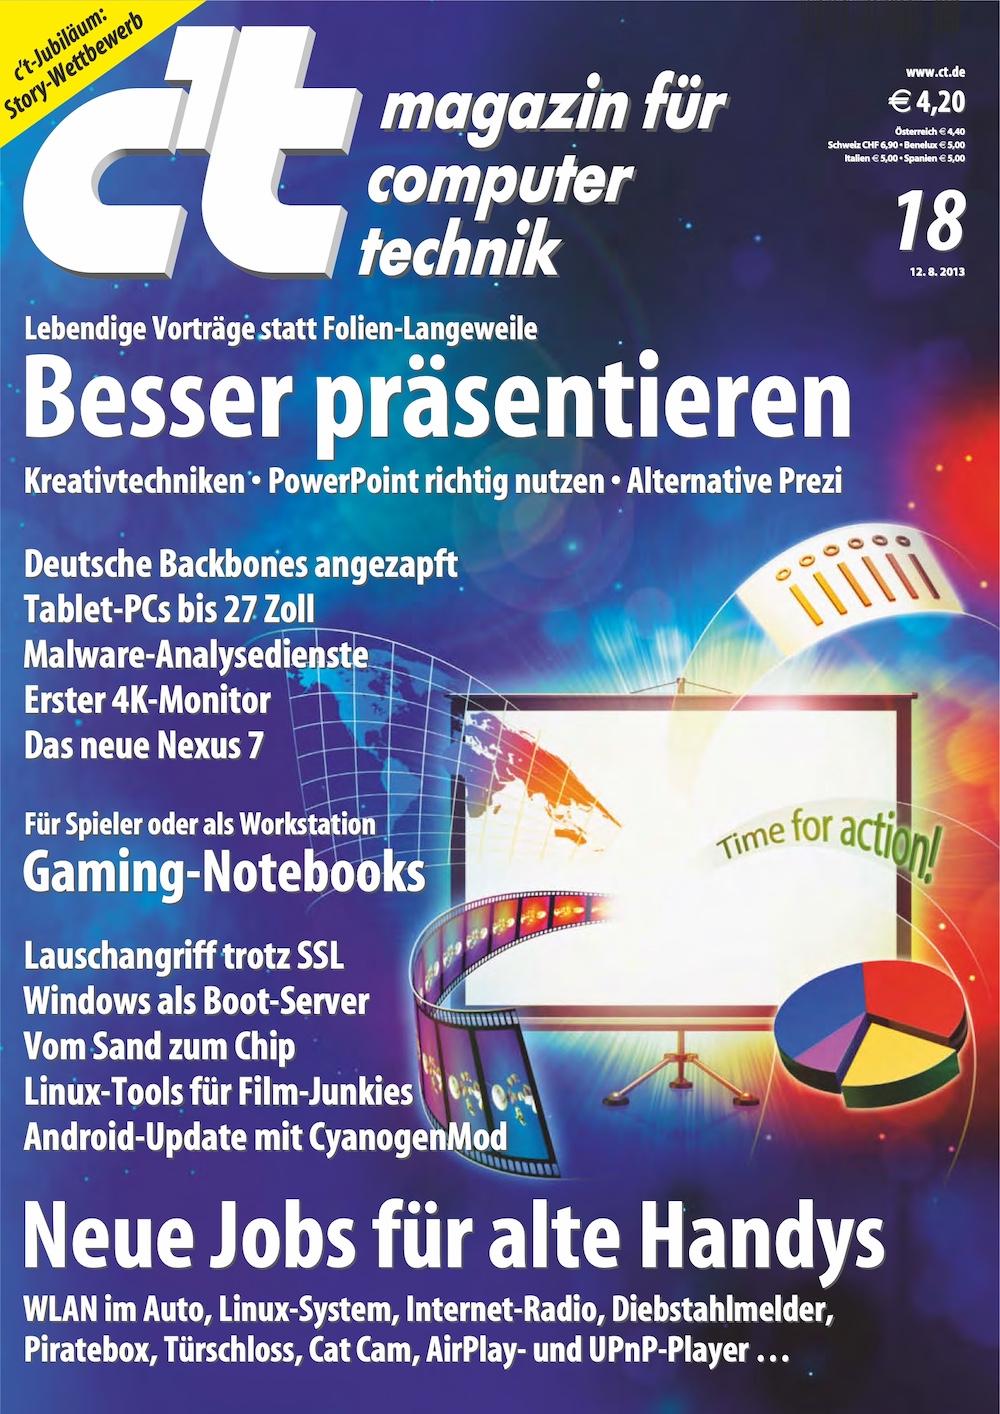 c't Magazin 2013-18